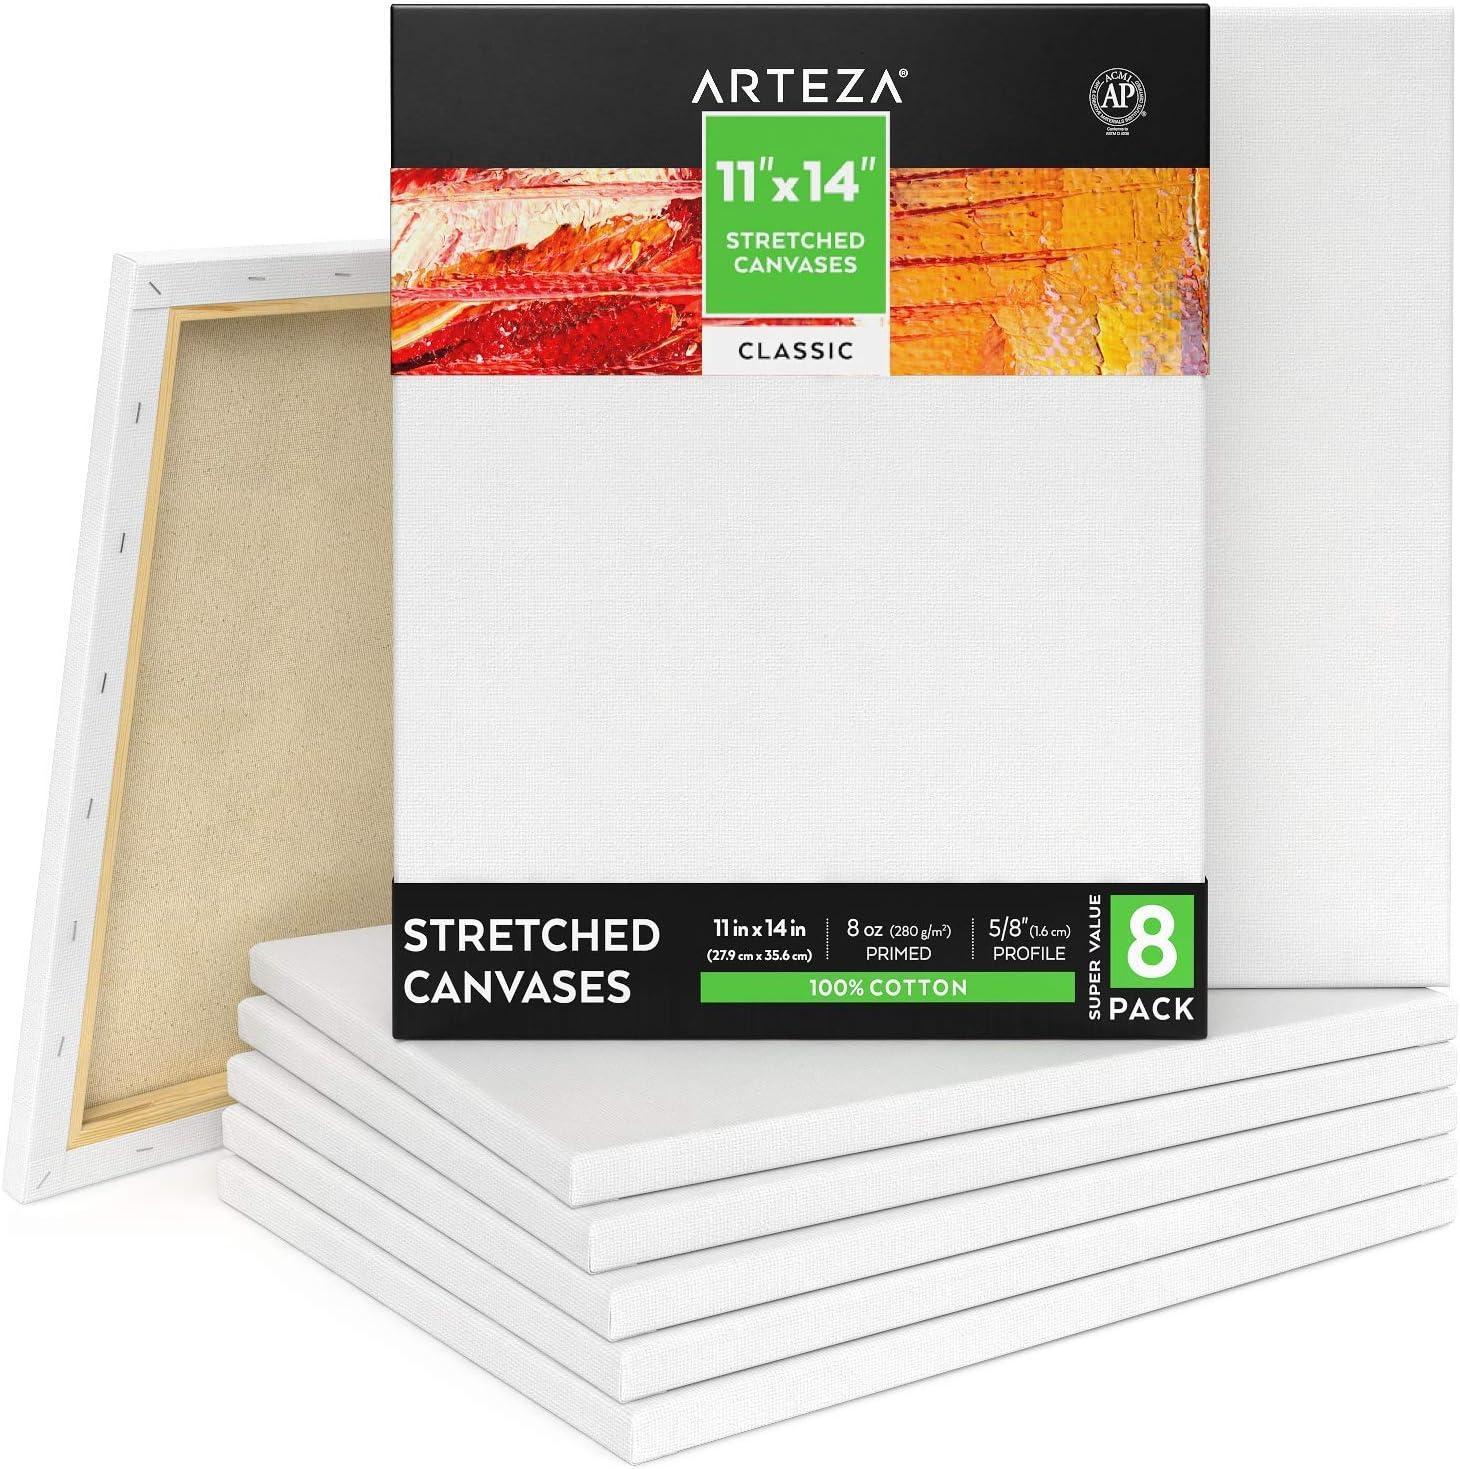 Arteza Lienzo para pintar cuadros | 28x35,5 cm | Pack de 8 | 100% algodón | Lienzos en blanco para óleo, acrílicos y acuarelas | para artistas profesionales, aficionados y principiantes: Amazon.es: Hogar